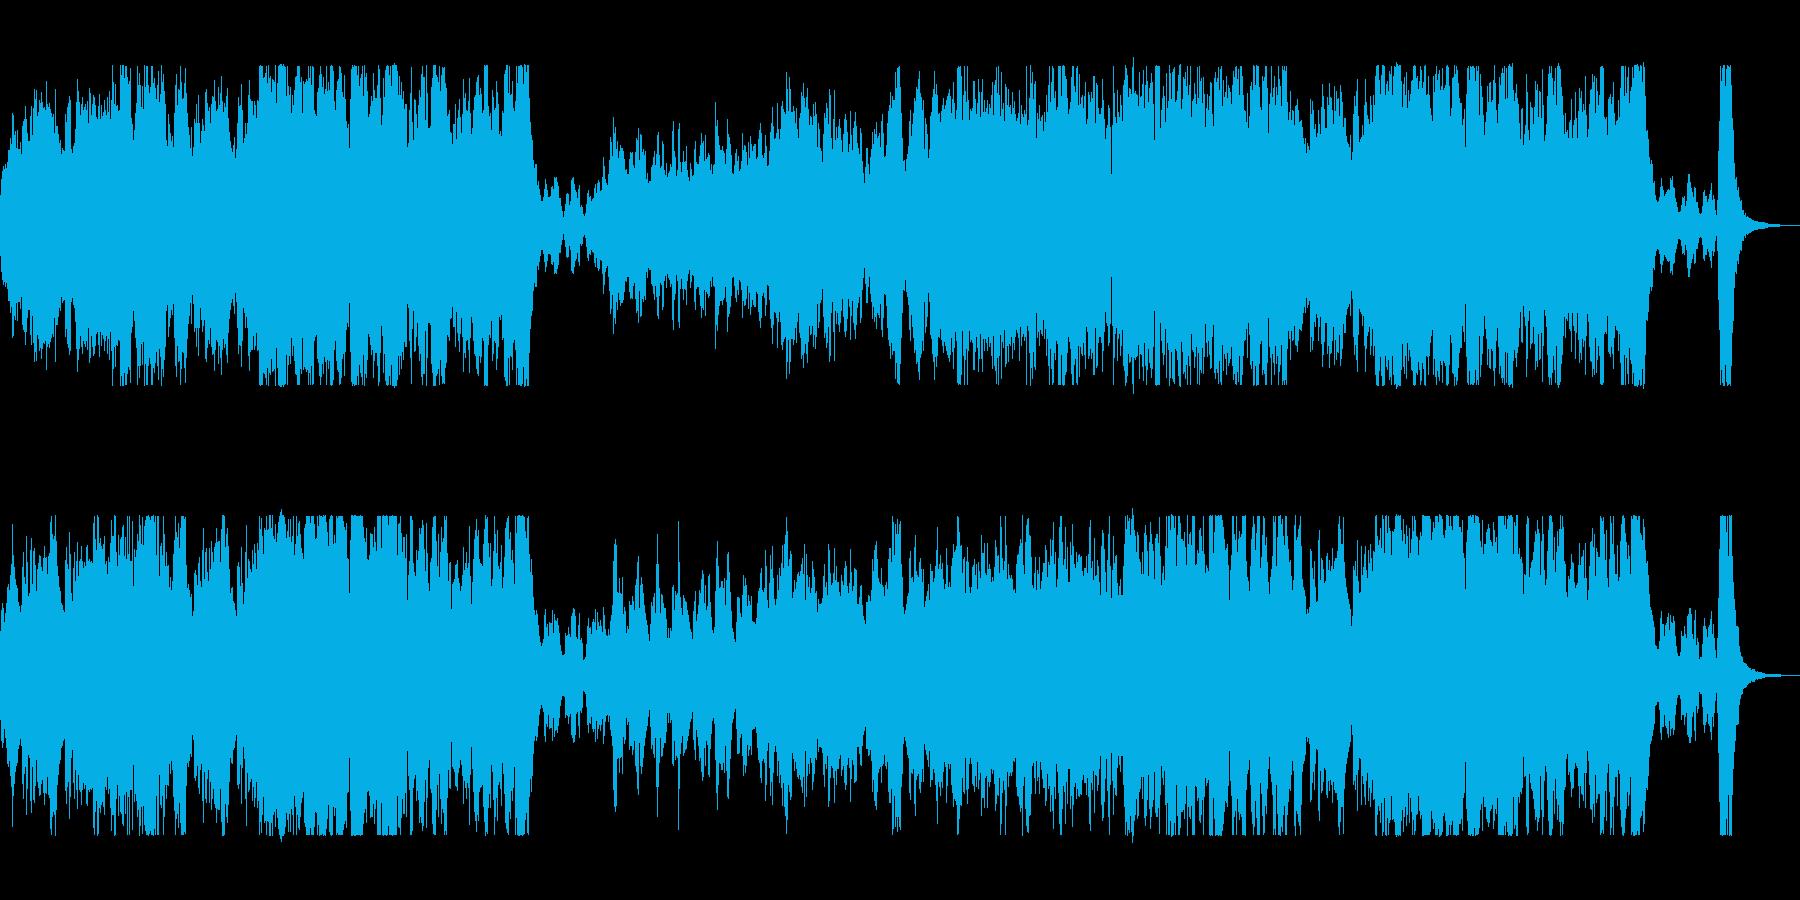 オープニングに最適なオーケストラの再生済みの波形